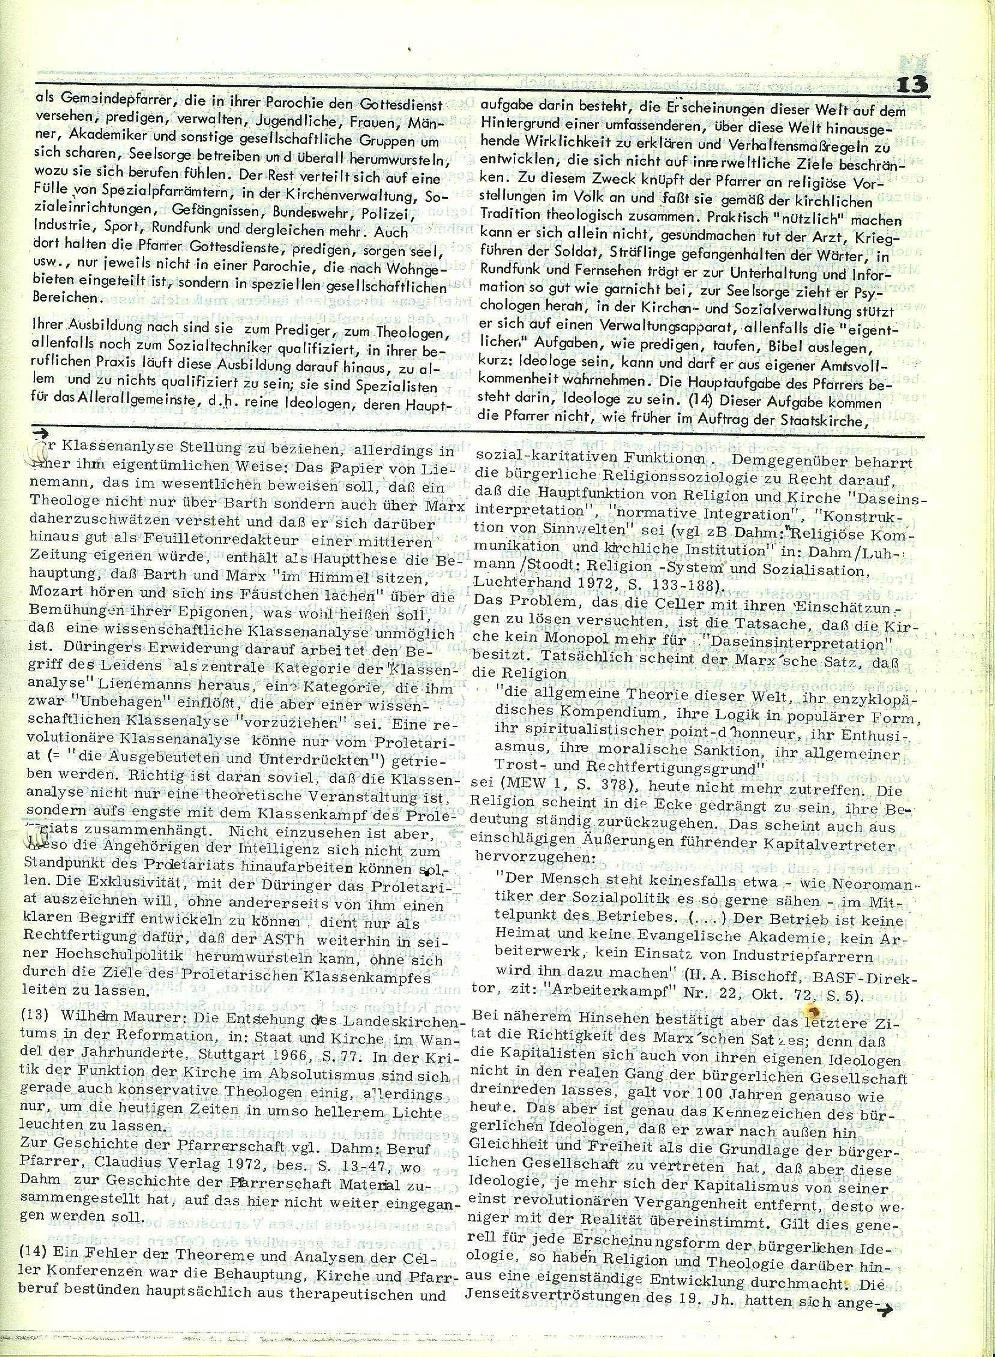 Heidelberg_Theologie_1973_03_13